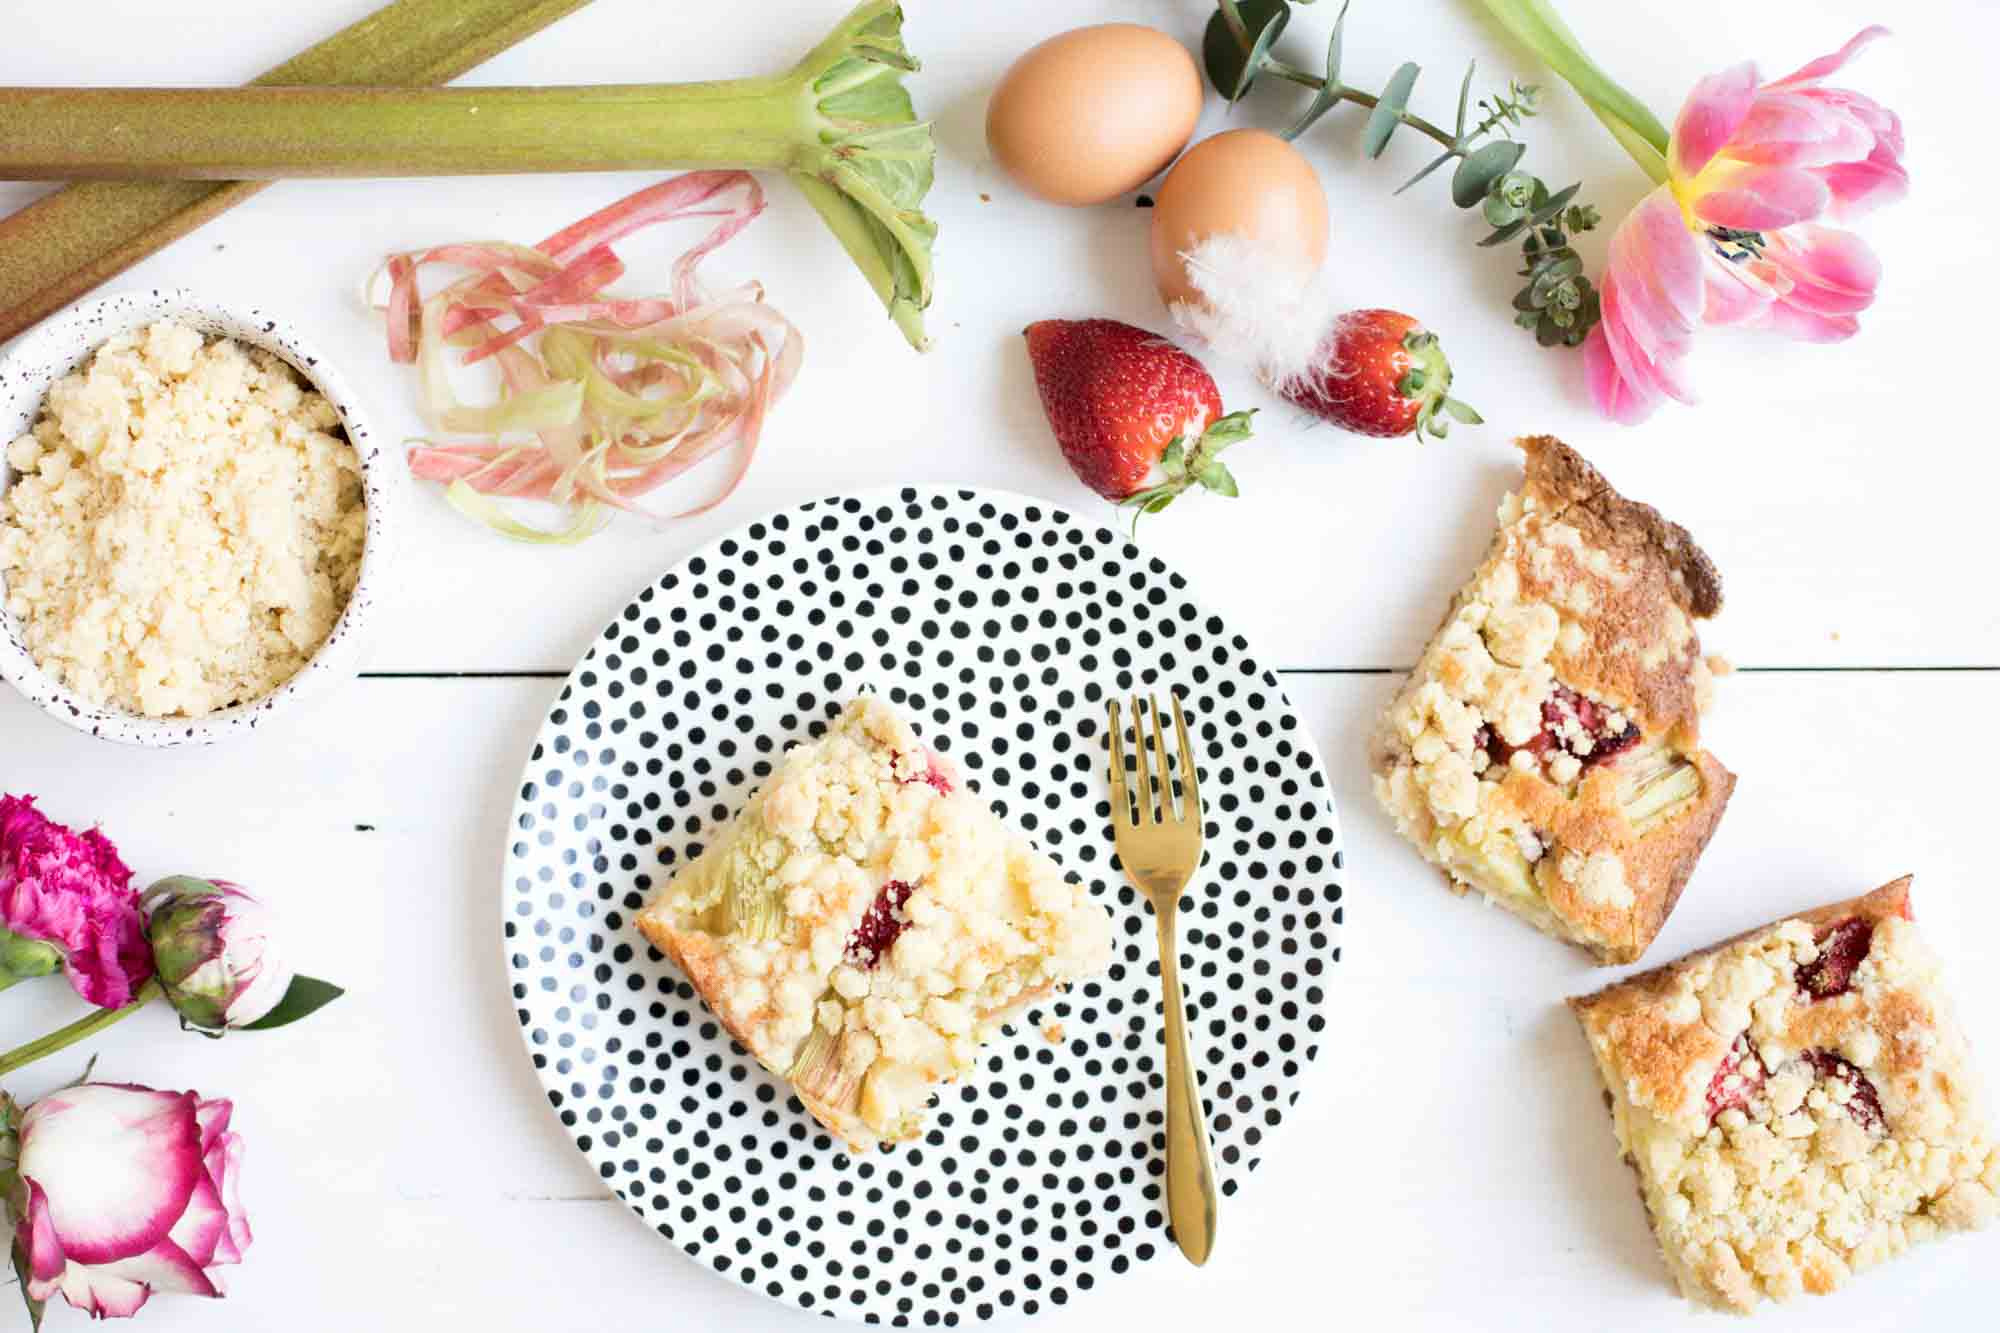 rhabarberkuchen-mit erdbeeren-und-streuseln-backen-3701